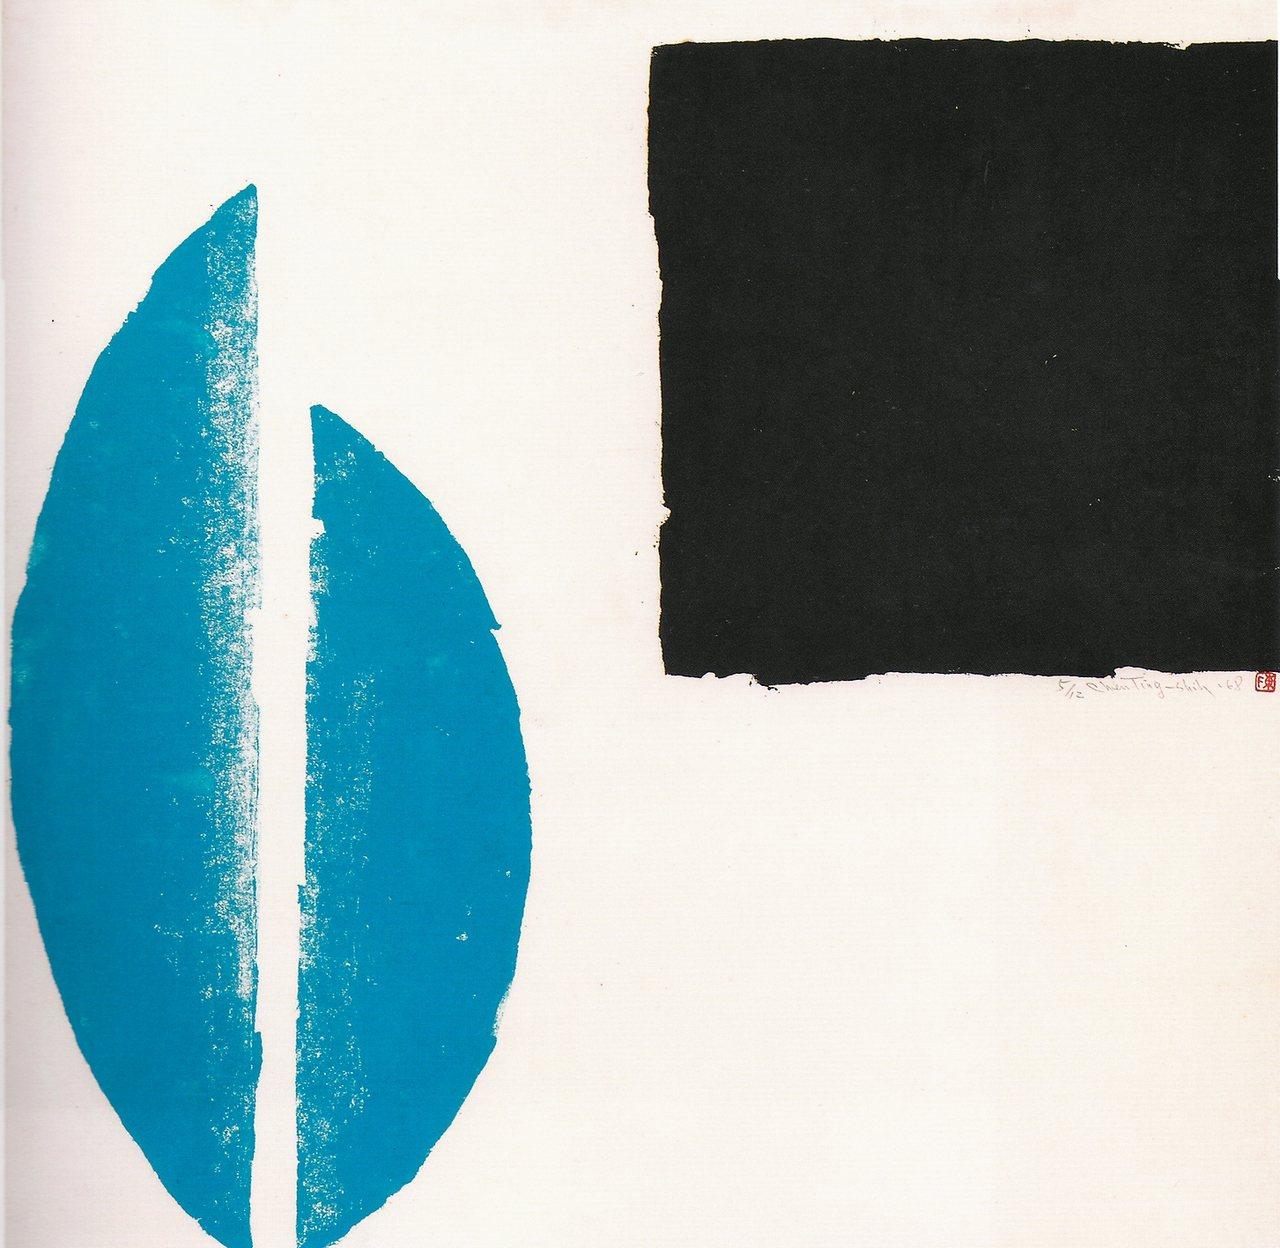 ▲陳庭詩作品〈靜中之律動〉。 圖/陳庭詩現代藝術基金會提供